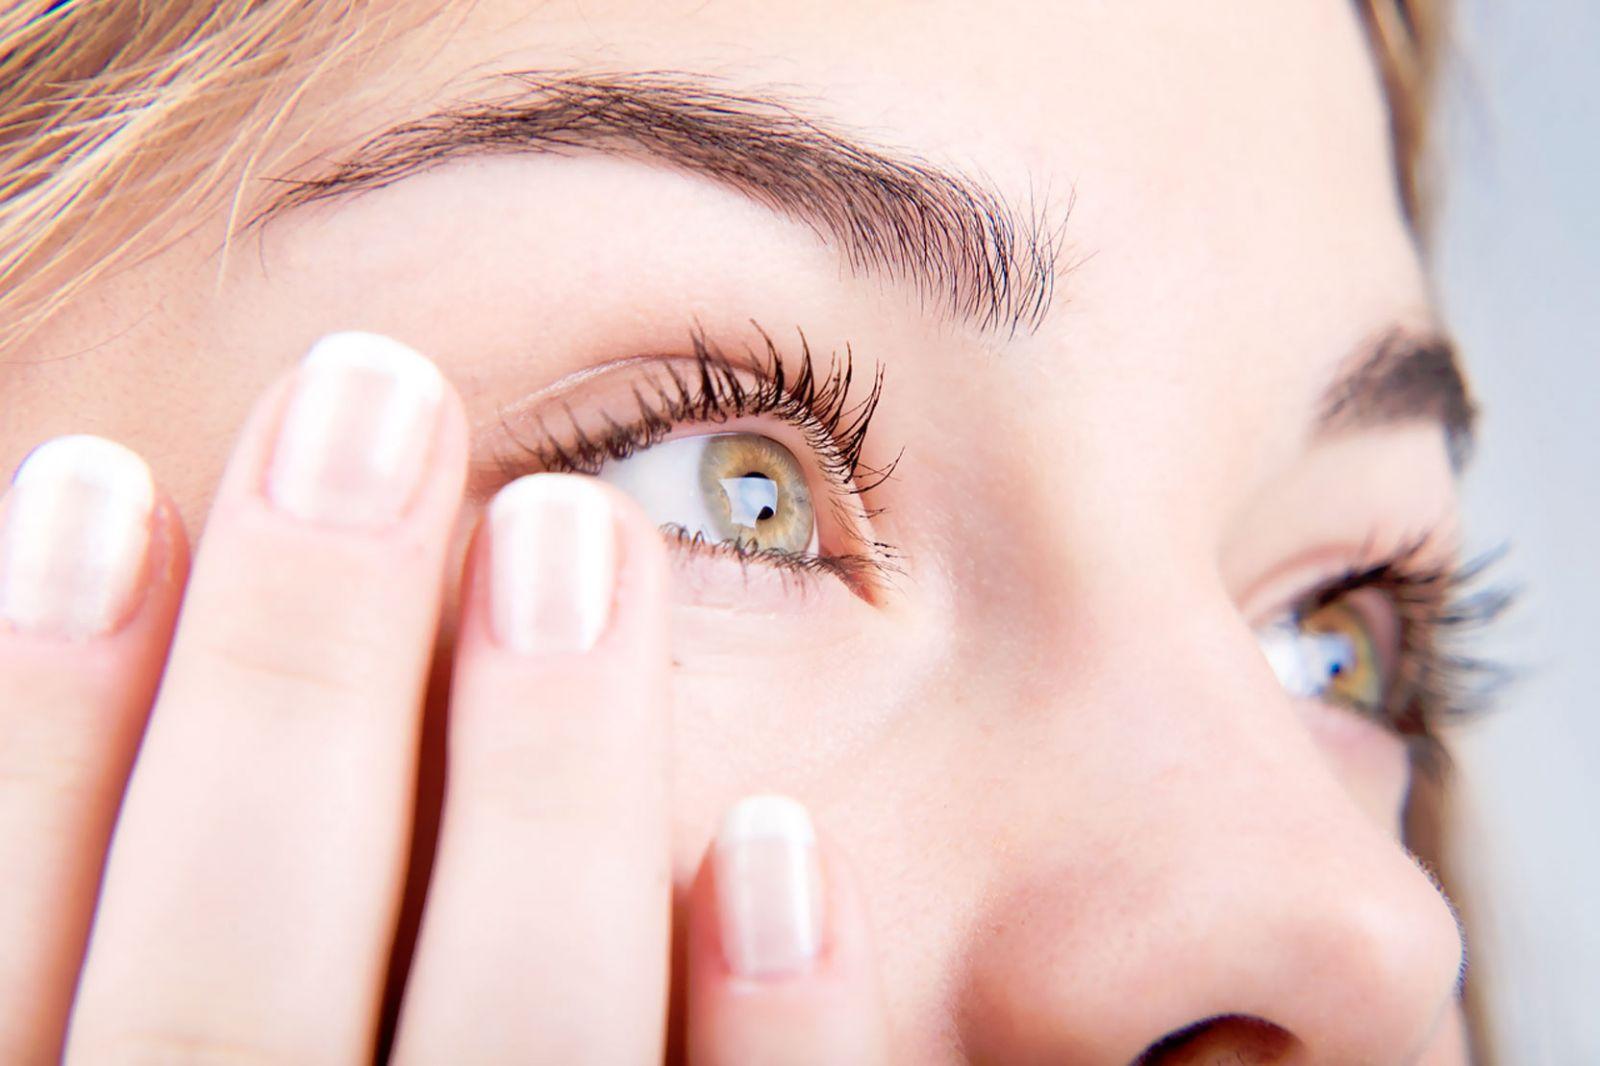 Как избавиться от опухших глаз от слез